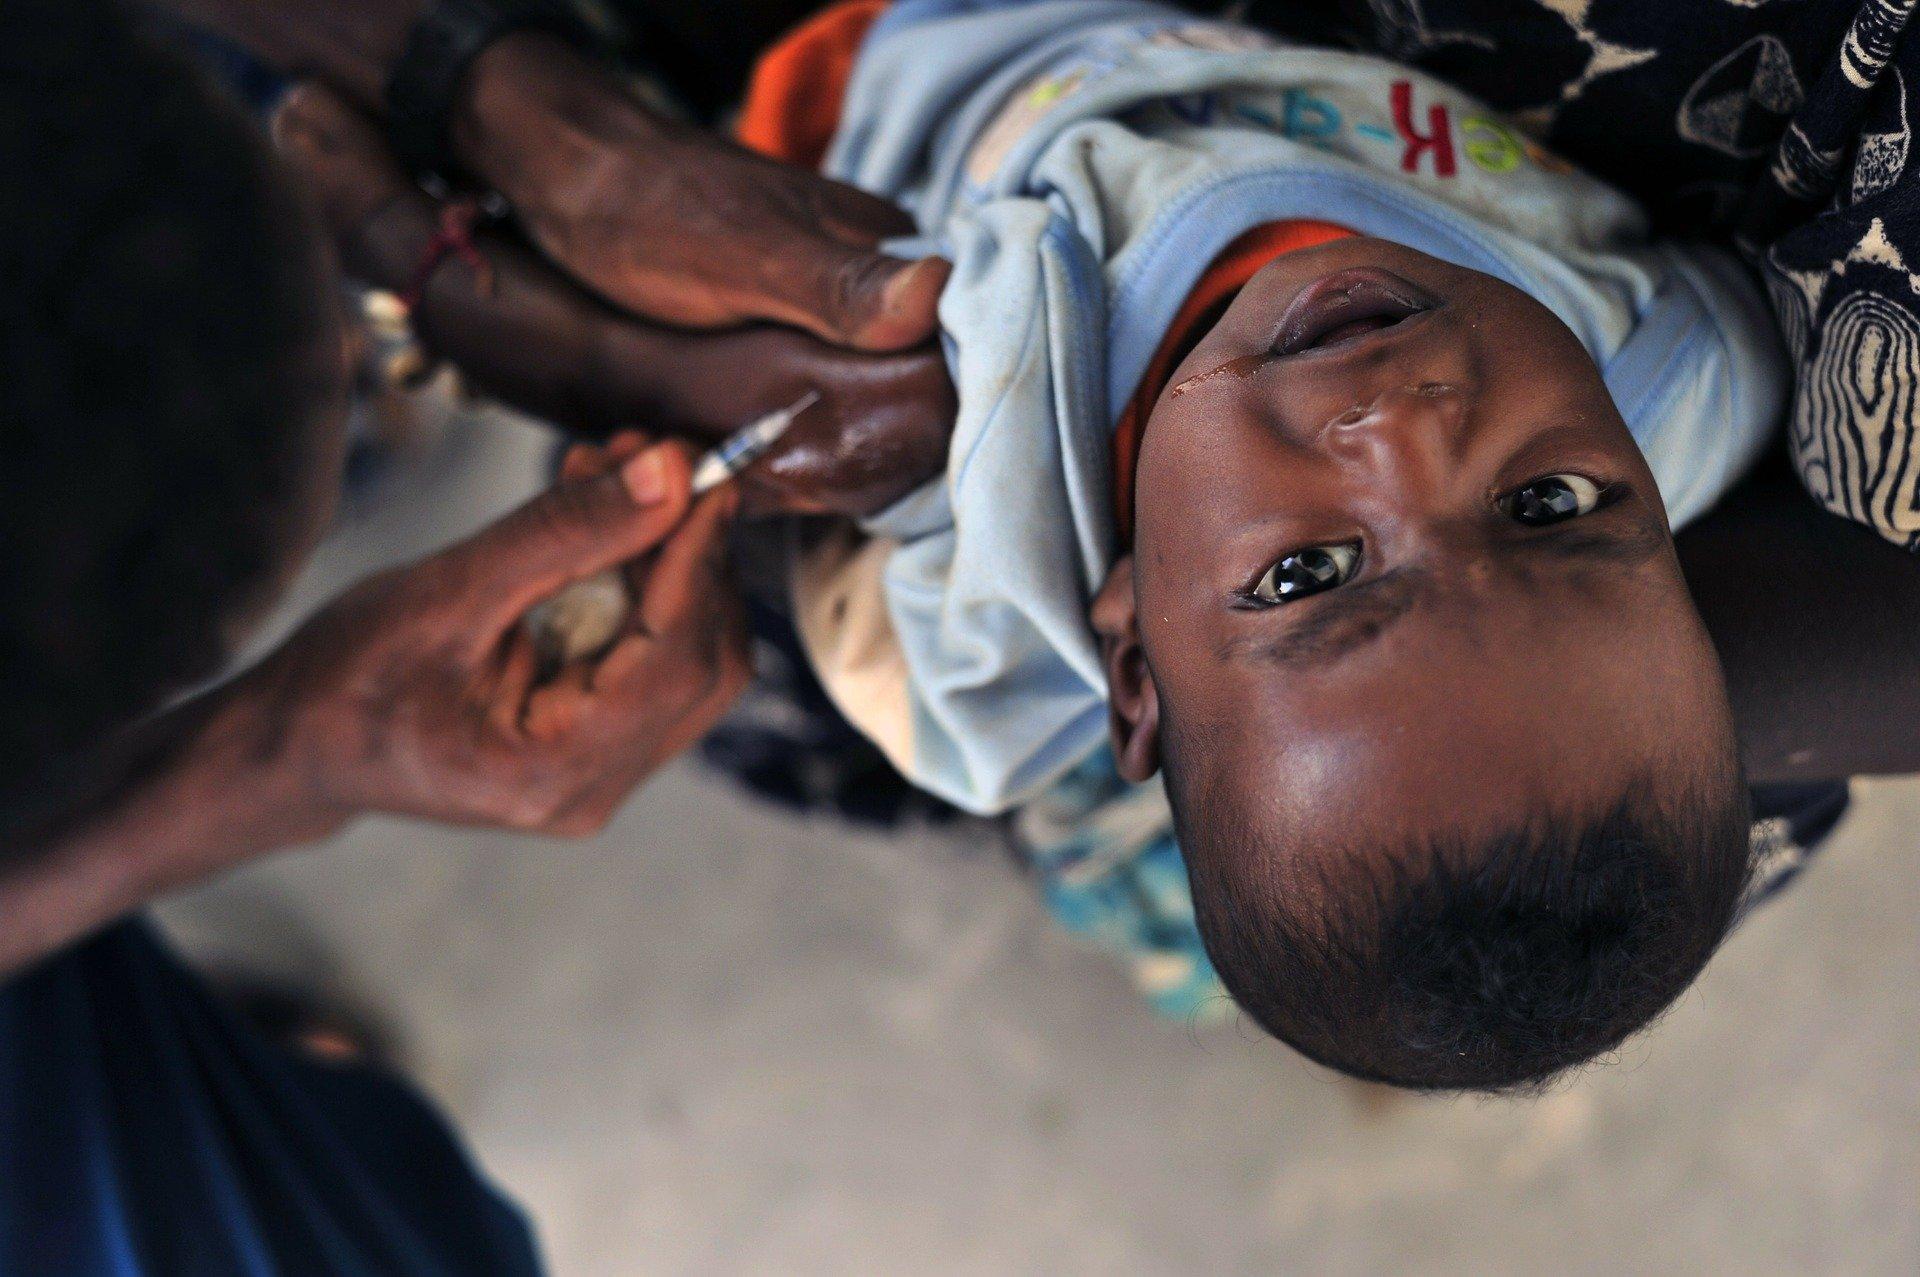 We moeten slim vaccineren en dus arme landen helpen met inentingen, anders duurt de crisis nóg langer | Commentaar